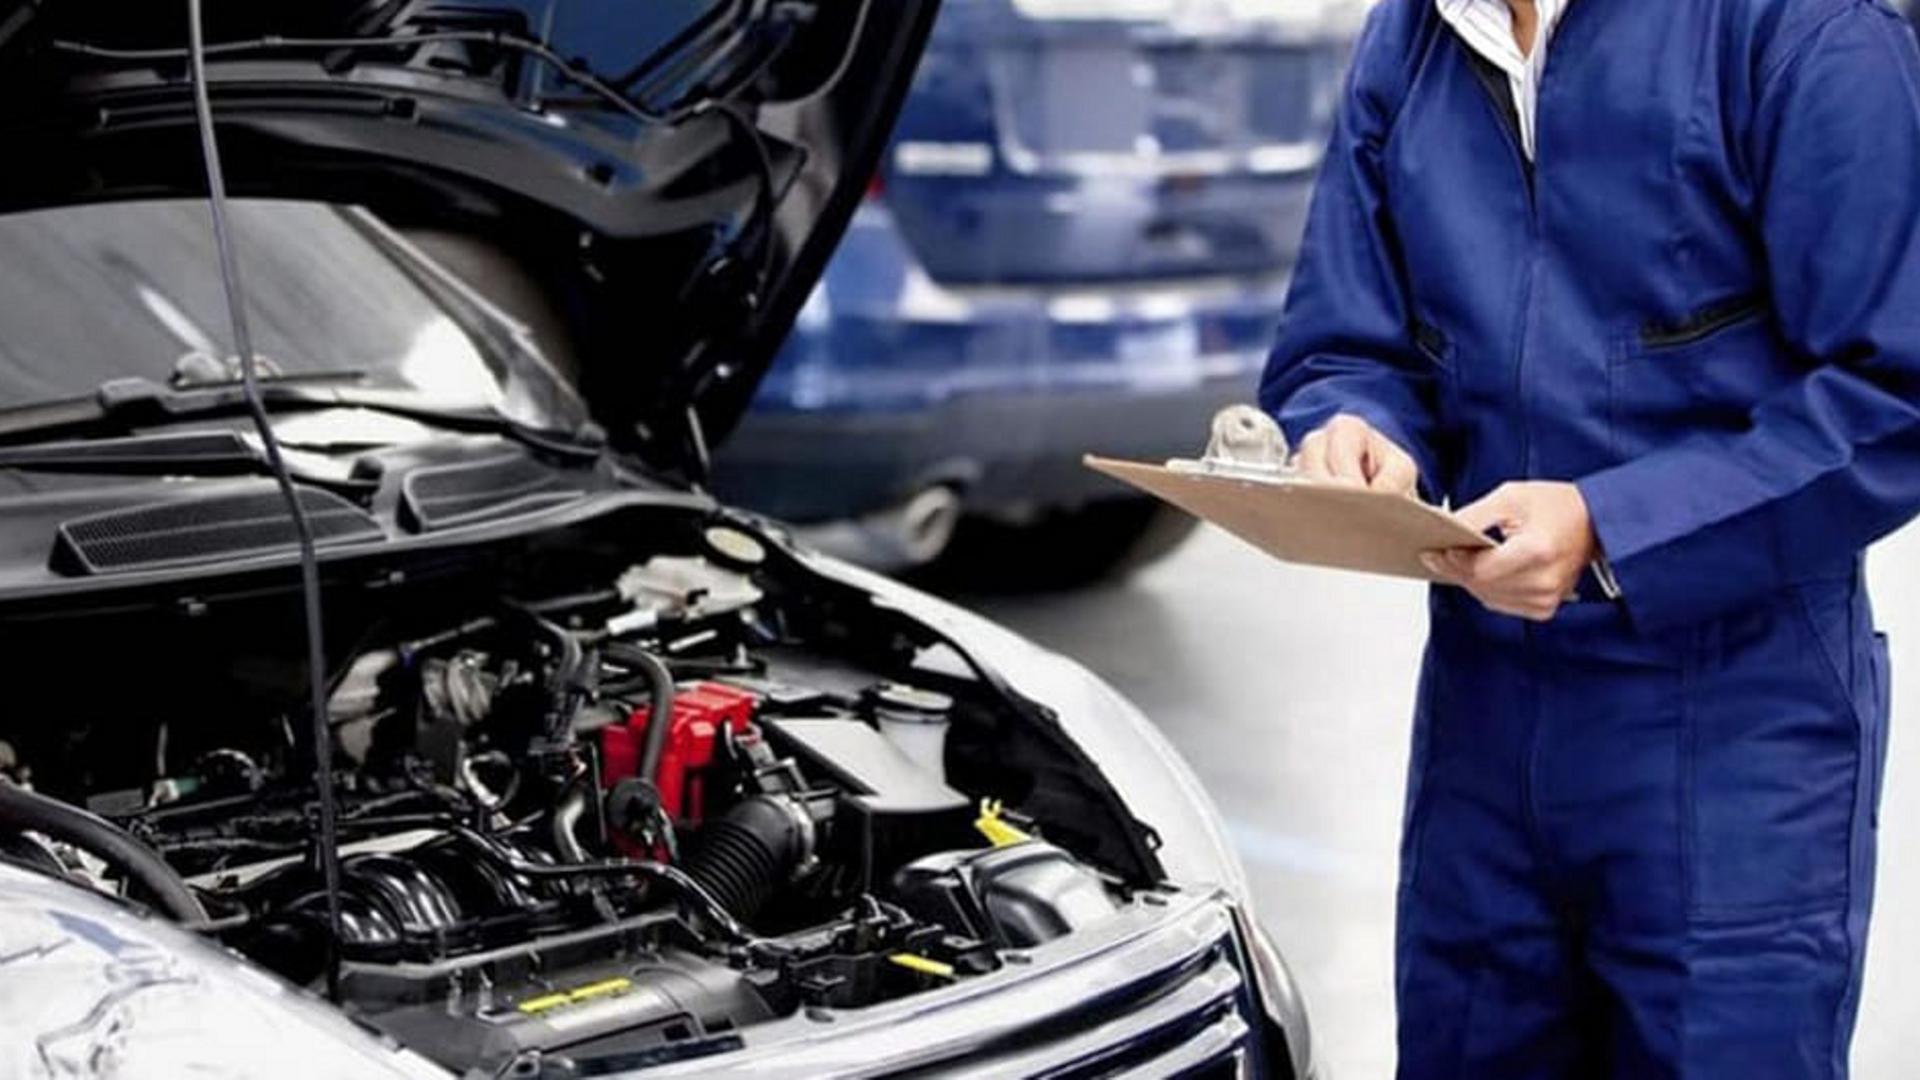 Revisione auto: novità e informazioni utili